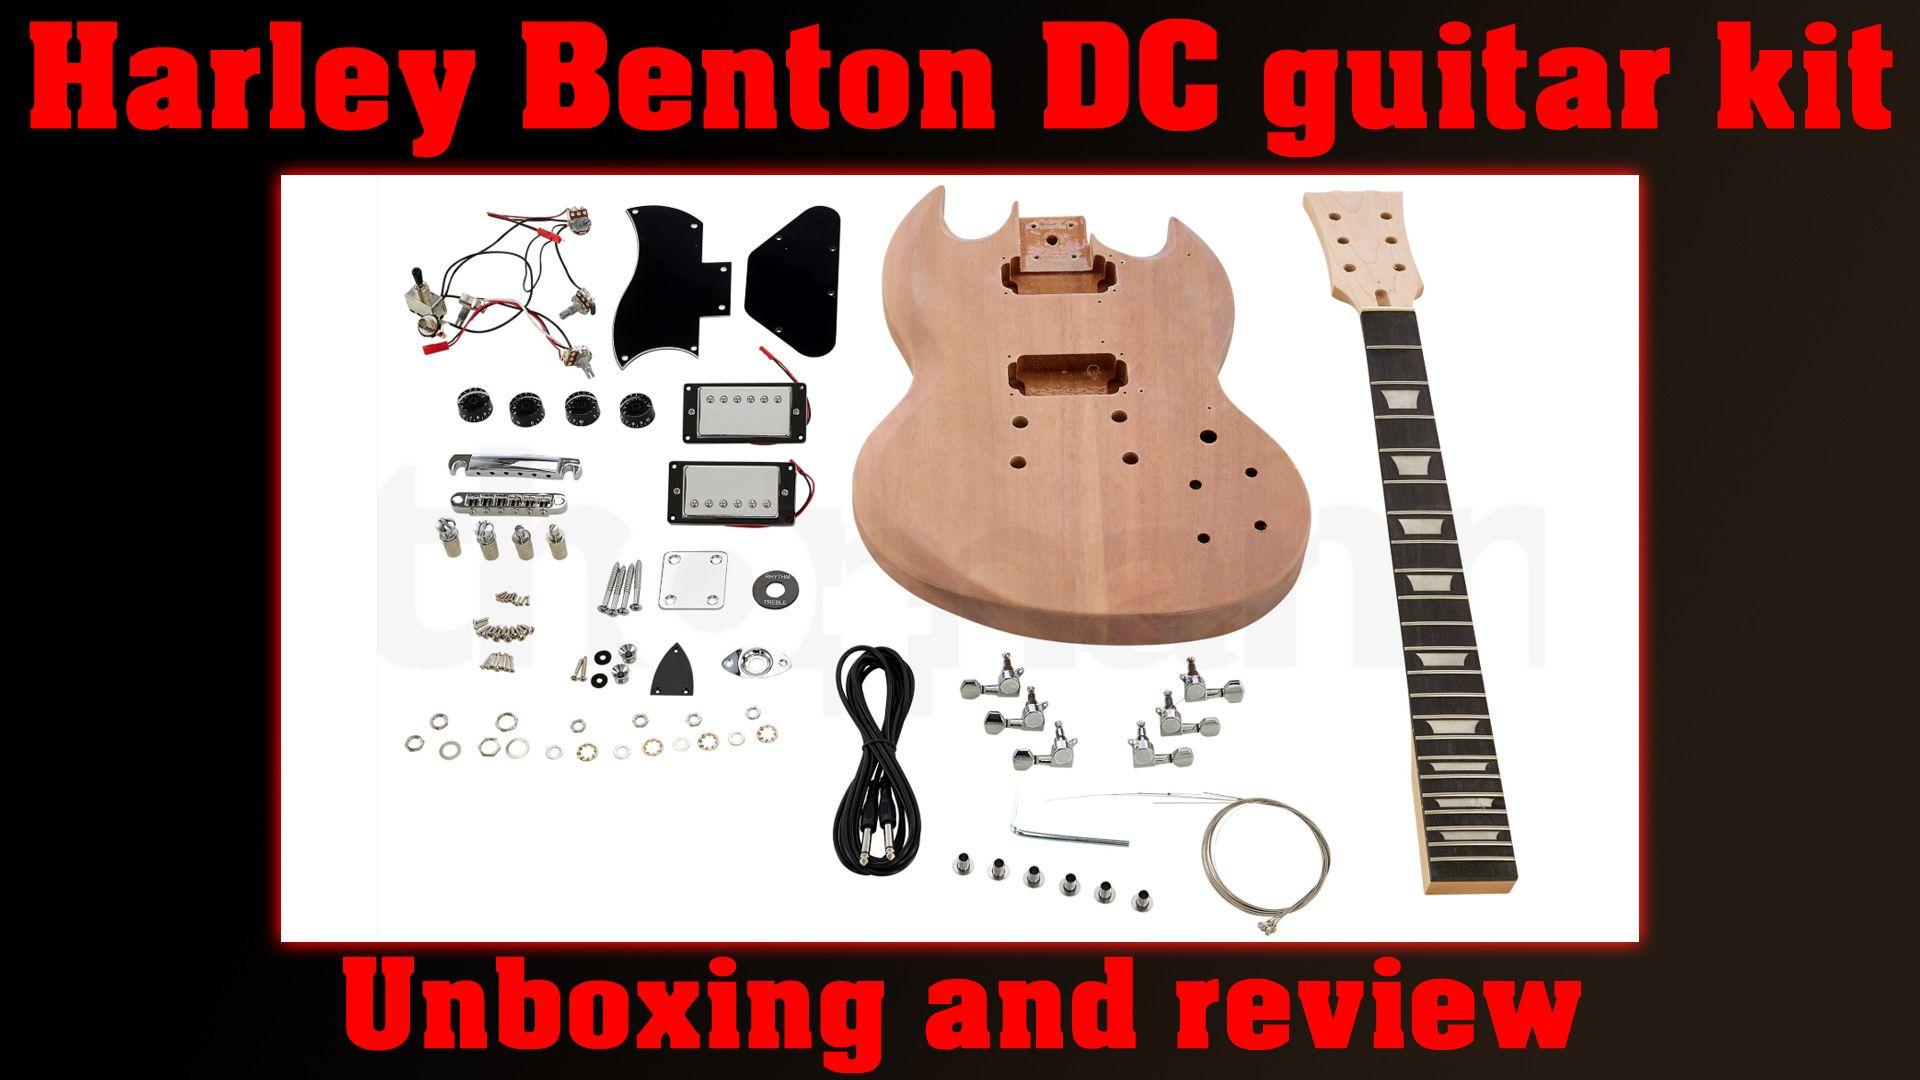 Harley benton guitar kit guitar kits guitar reviews